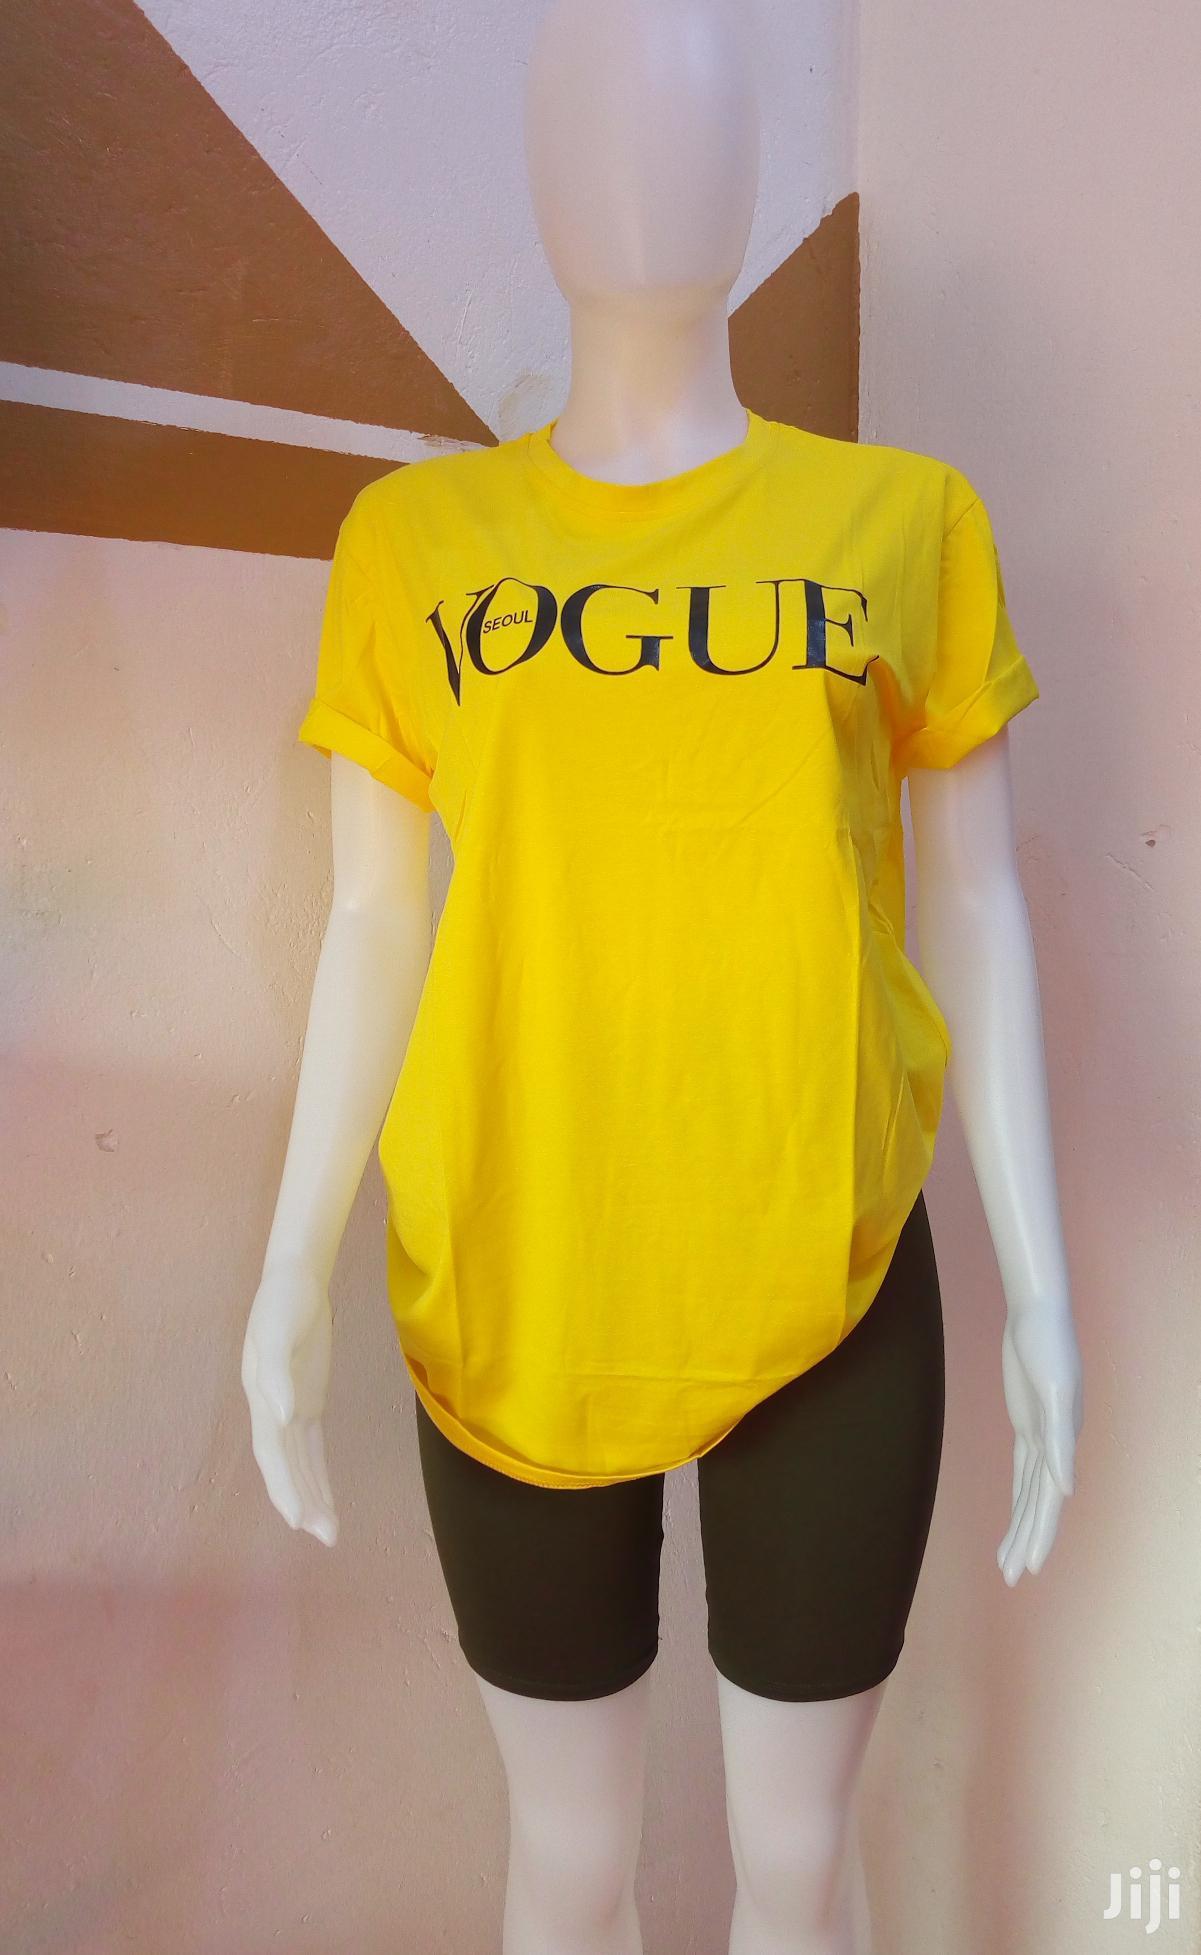 Archive: Vogue Cotton T-Shirts